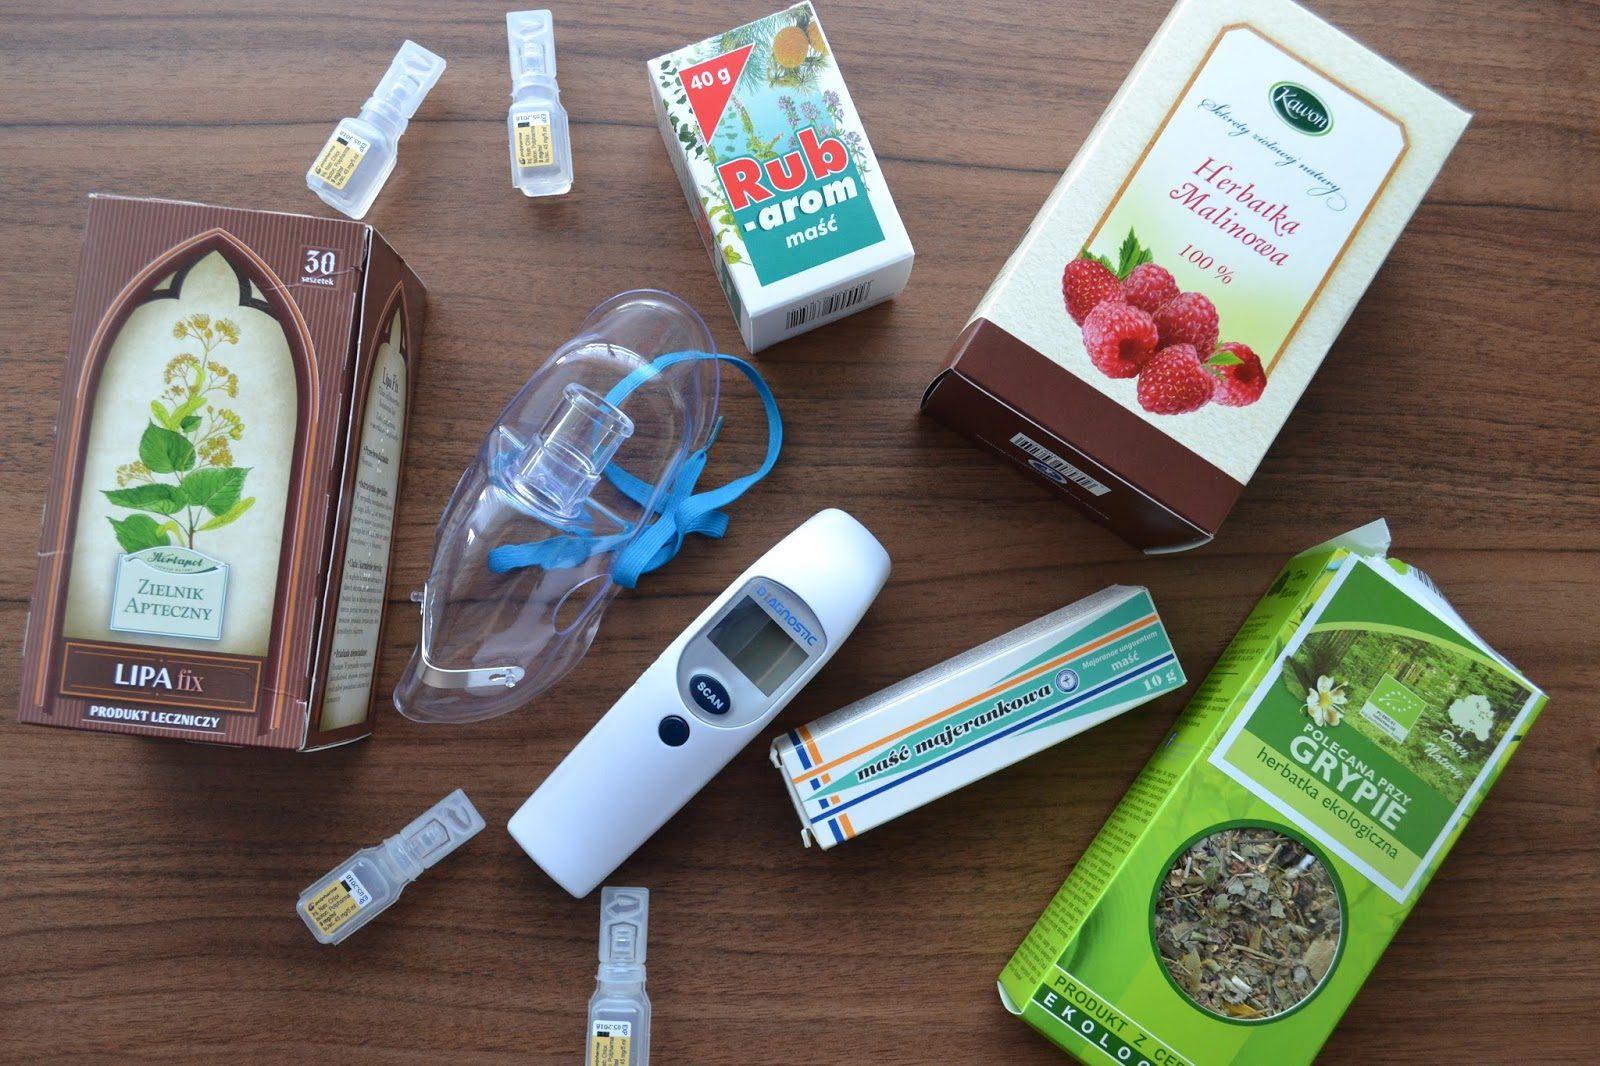 Domowe naturalne sposoby na przeziębienie